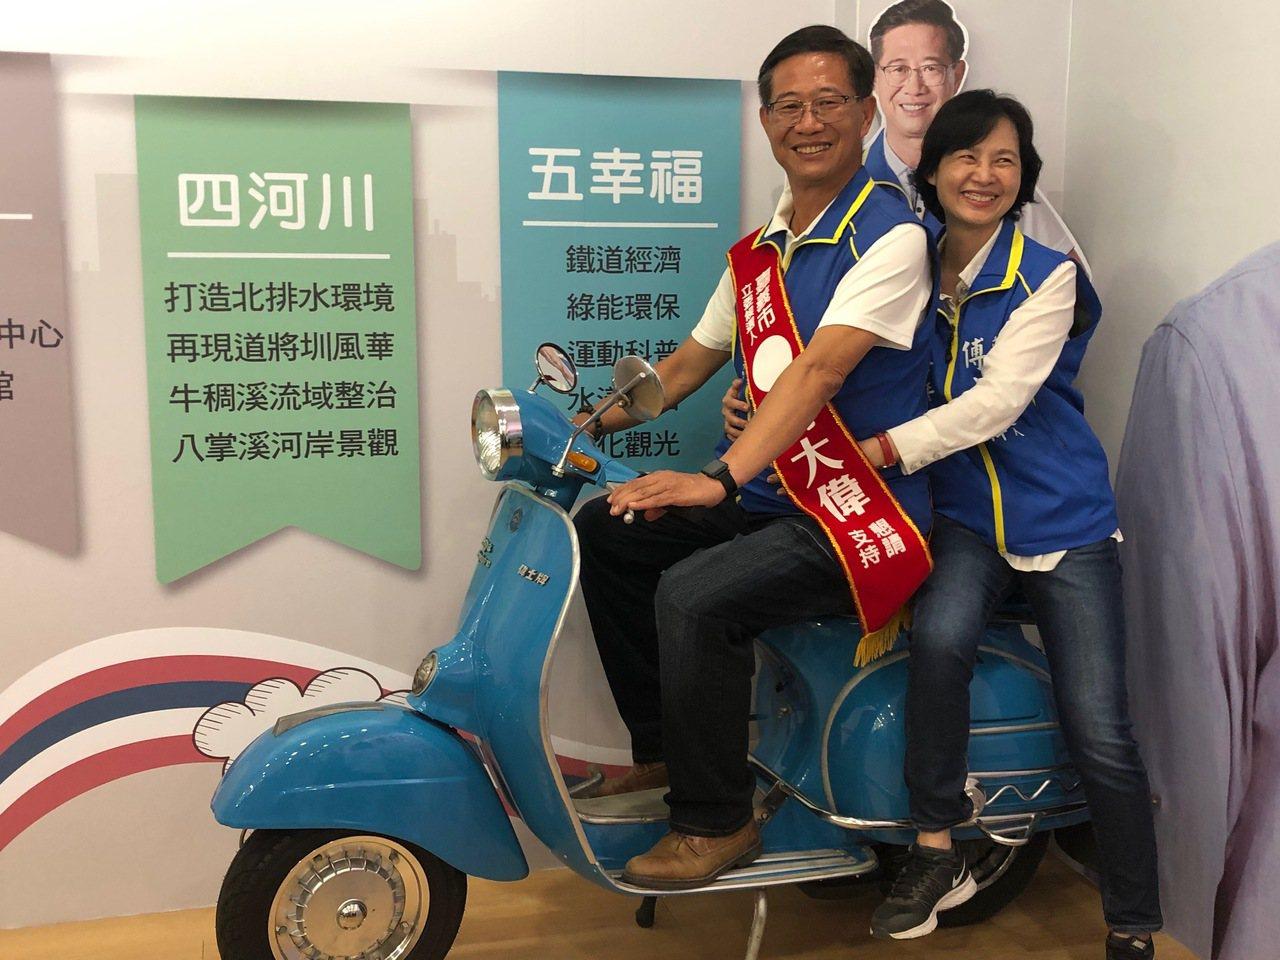 国民党嘉义市立委参选人傅大伟在总部里头放上伟士牌机车,与妻子共乘象征庶民本色。 ...